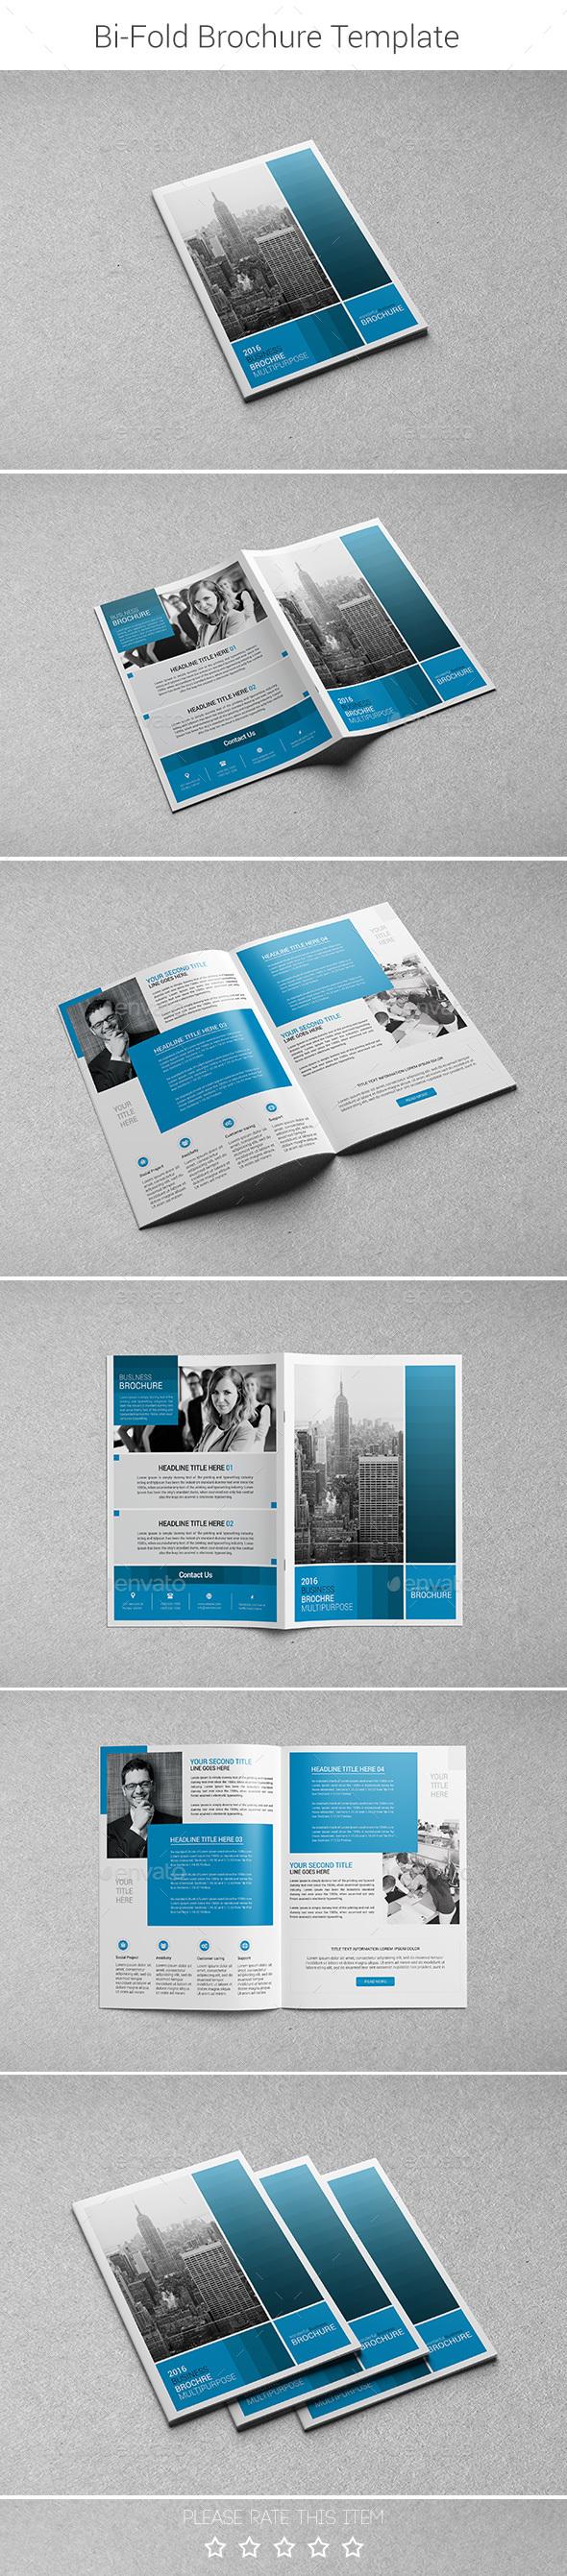 Corporate Bi-fold Brochure-Multipurpose 01 - Corporate Brochures